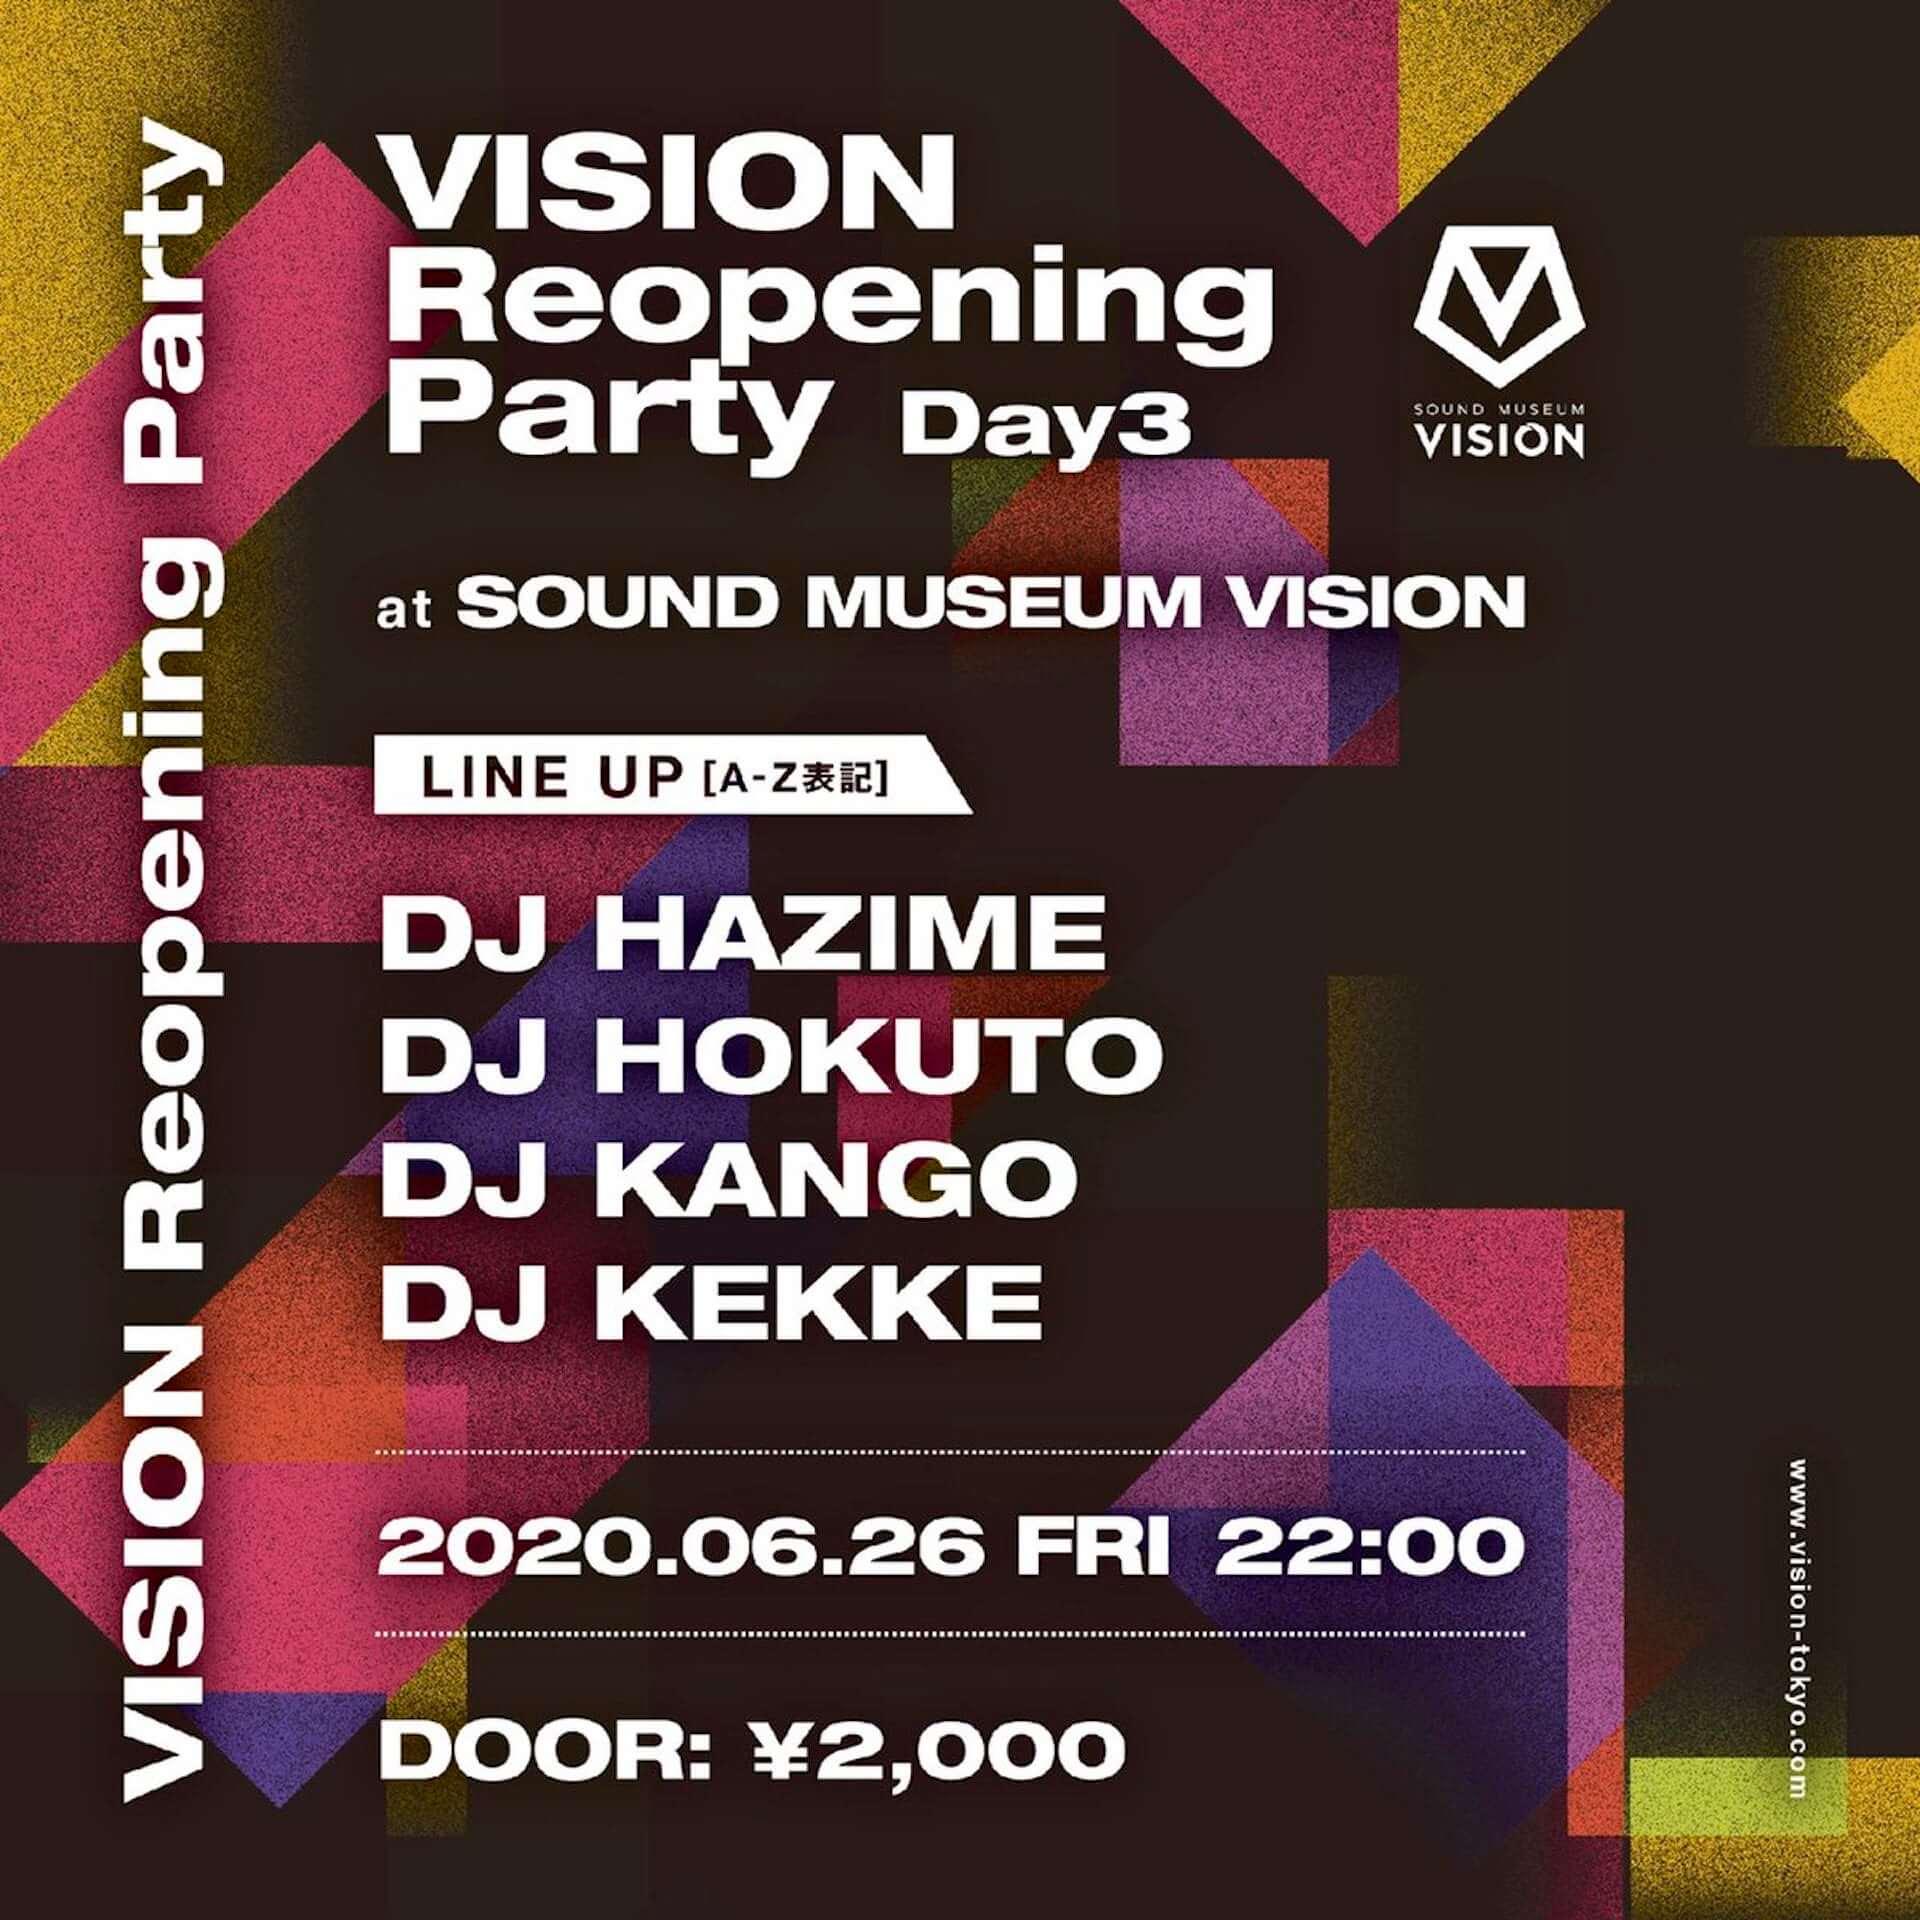 渋谷・VISIONの営業再開パーティー第3&4弾が今週末開催!FUJI TRILL、DJ HAZIME、DJ CHARI&DJ TATSUKIらが出演 music200625_vision-tokyo_4-1920x1920